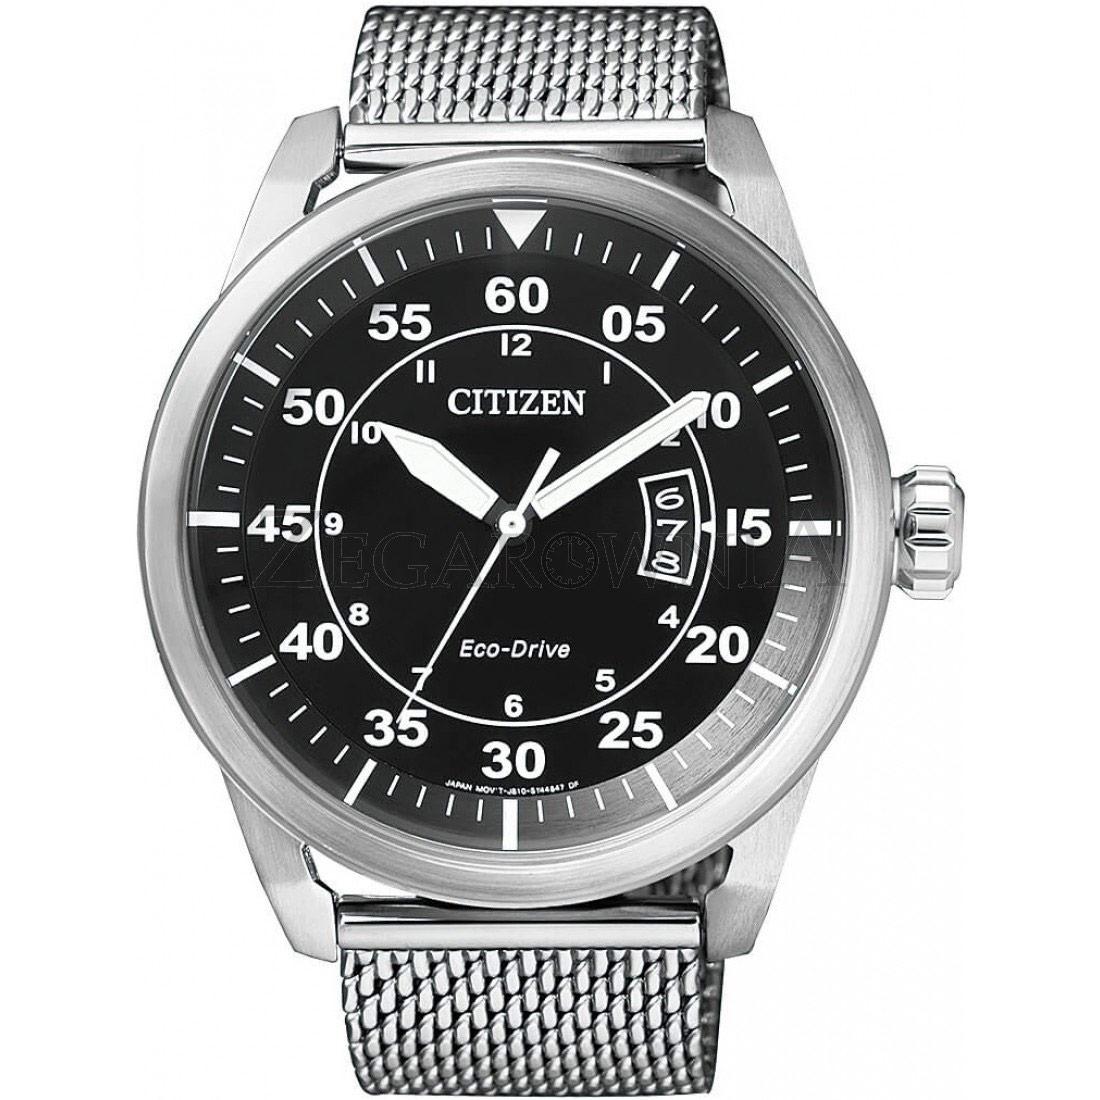 Zegarek Citizen Eco-Drive AW1360-55E w atrakcyjnej cenie ... 86e4bff5df